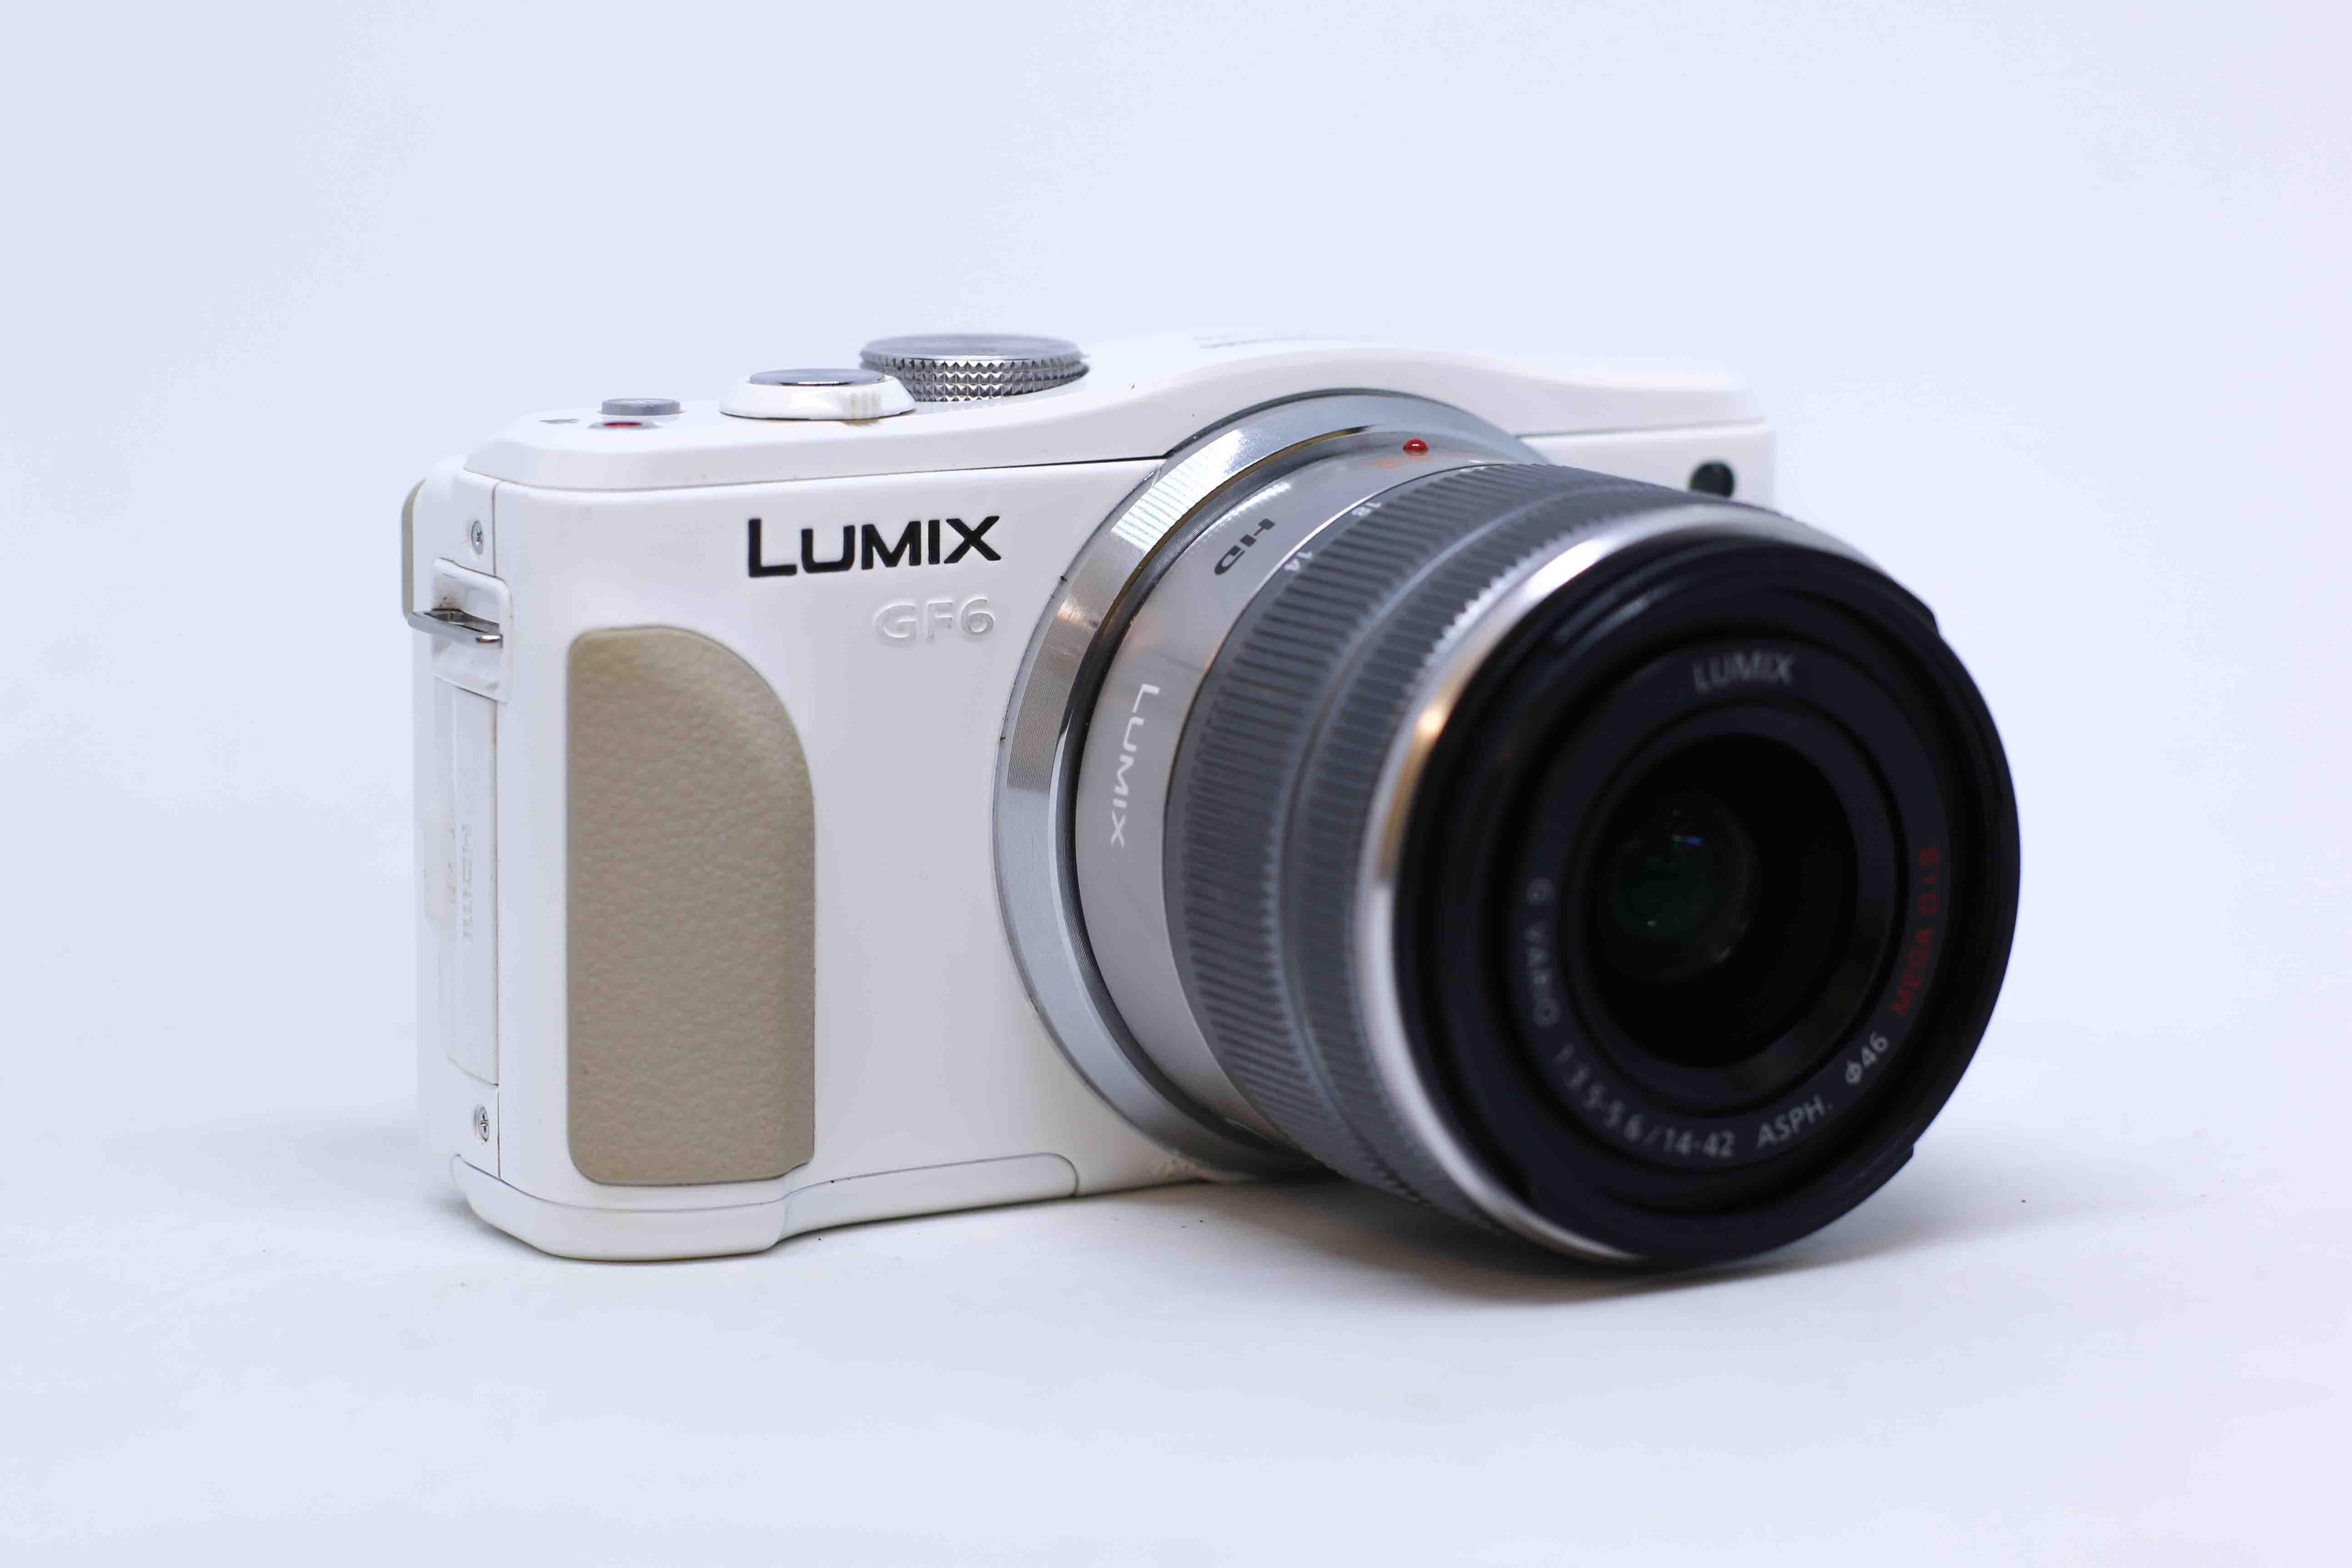 Máy ảnh Panasonic Lumix GF6 kèm ống kính 14-42mm F/3.5-5.6